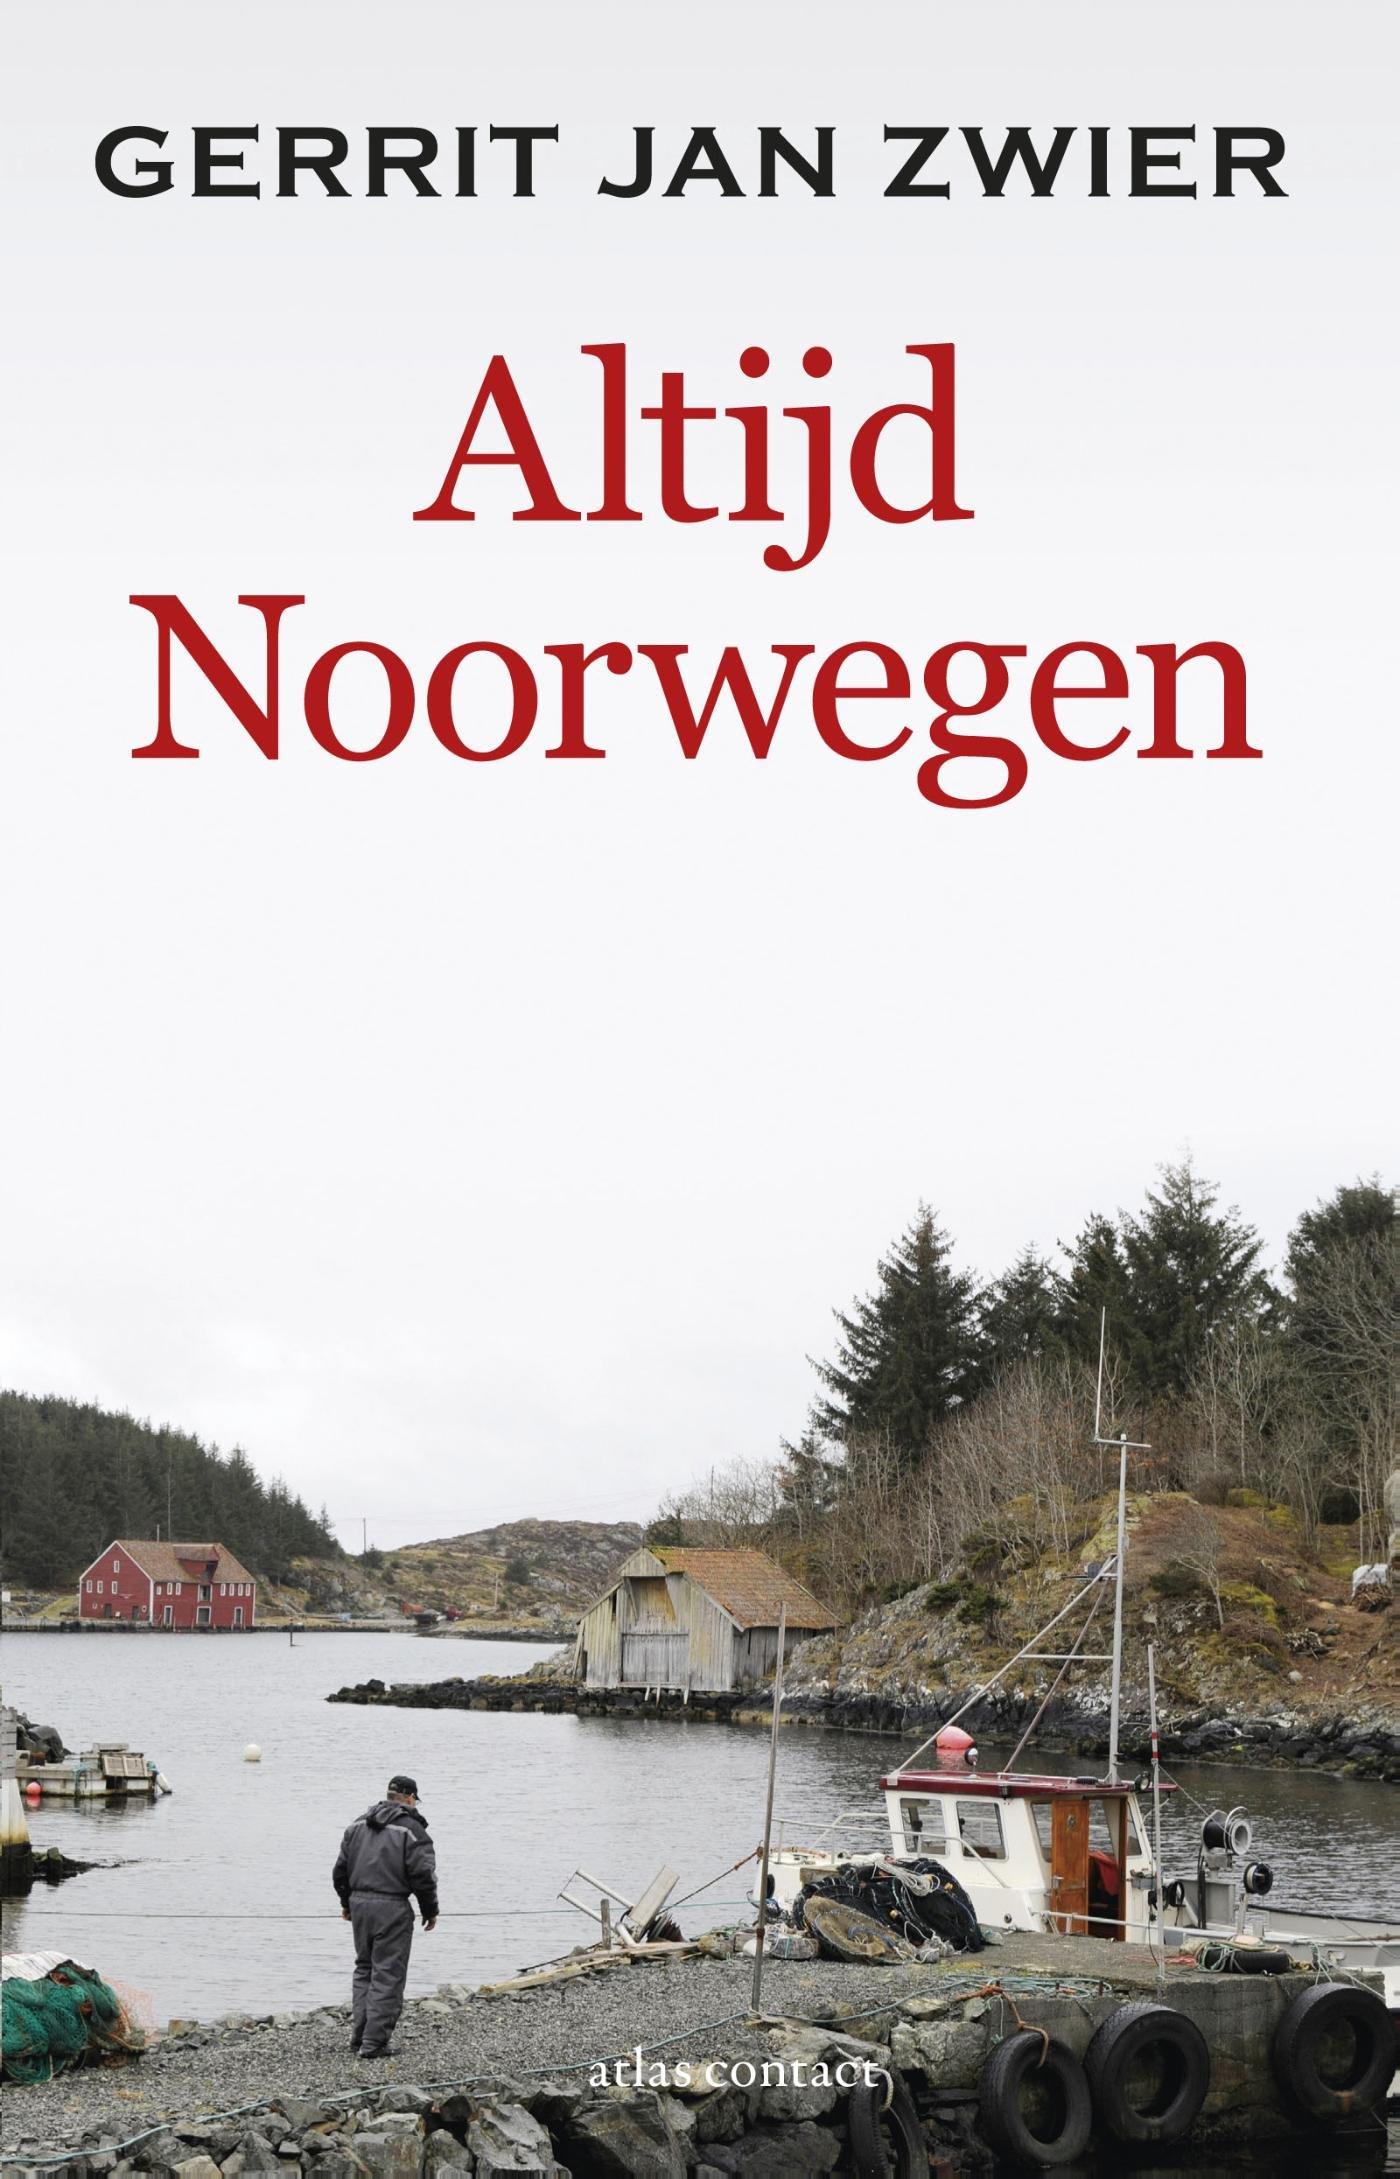 Altijd Noorwegen | Gerrit Jan Zwier 9789045031705 Gerrit Jan Zwier Atlas-Contact   Reisverhalen Noorwegen